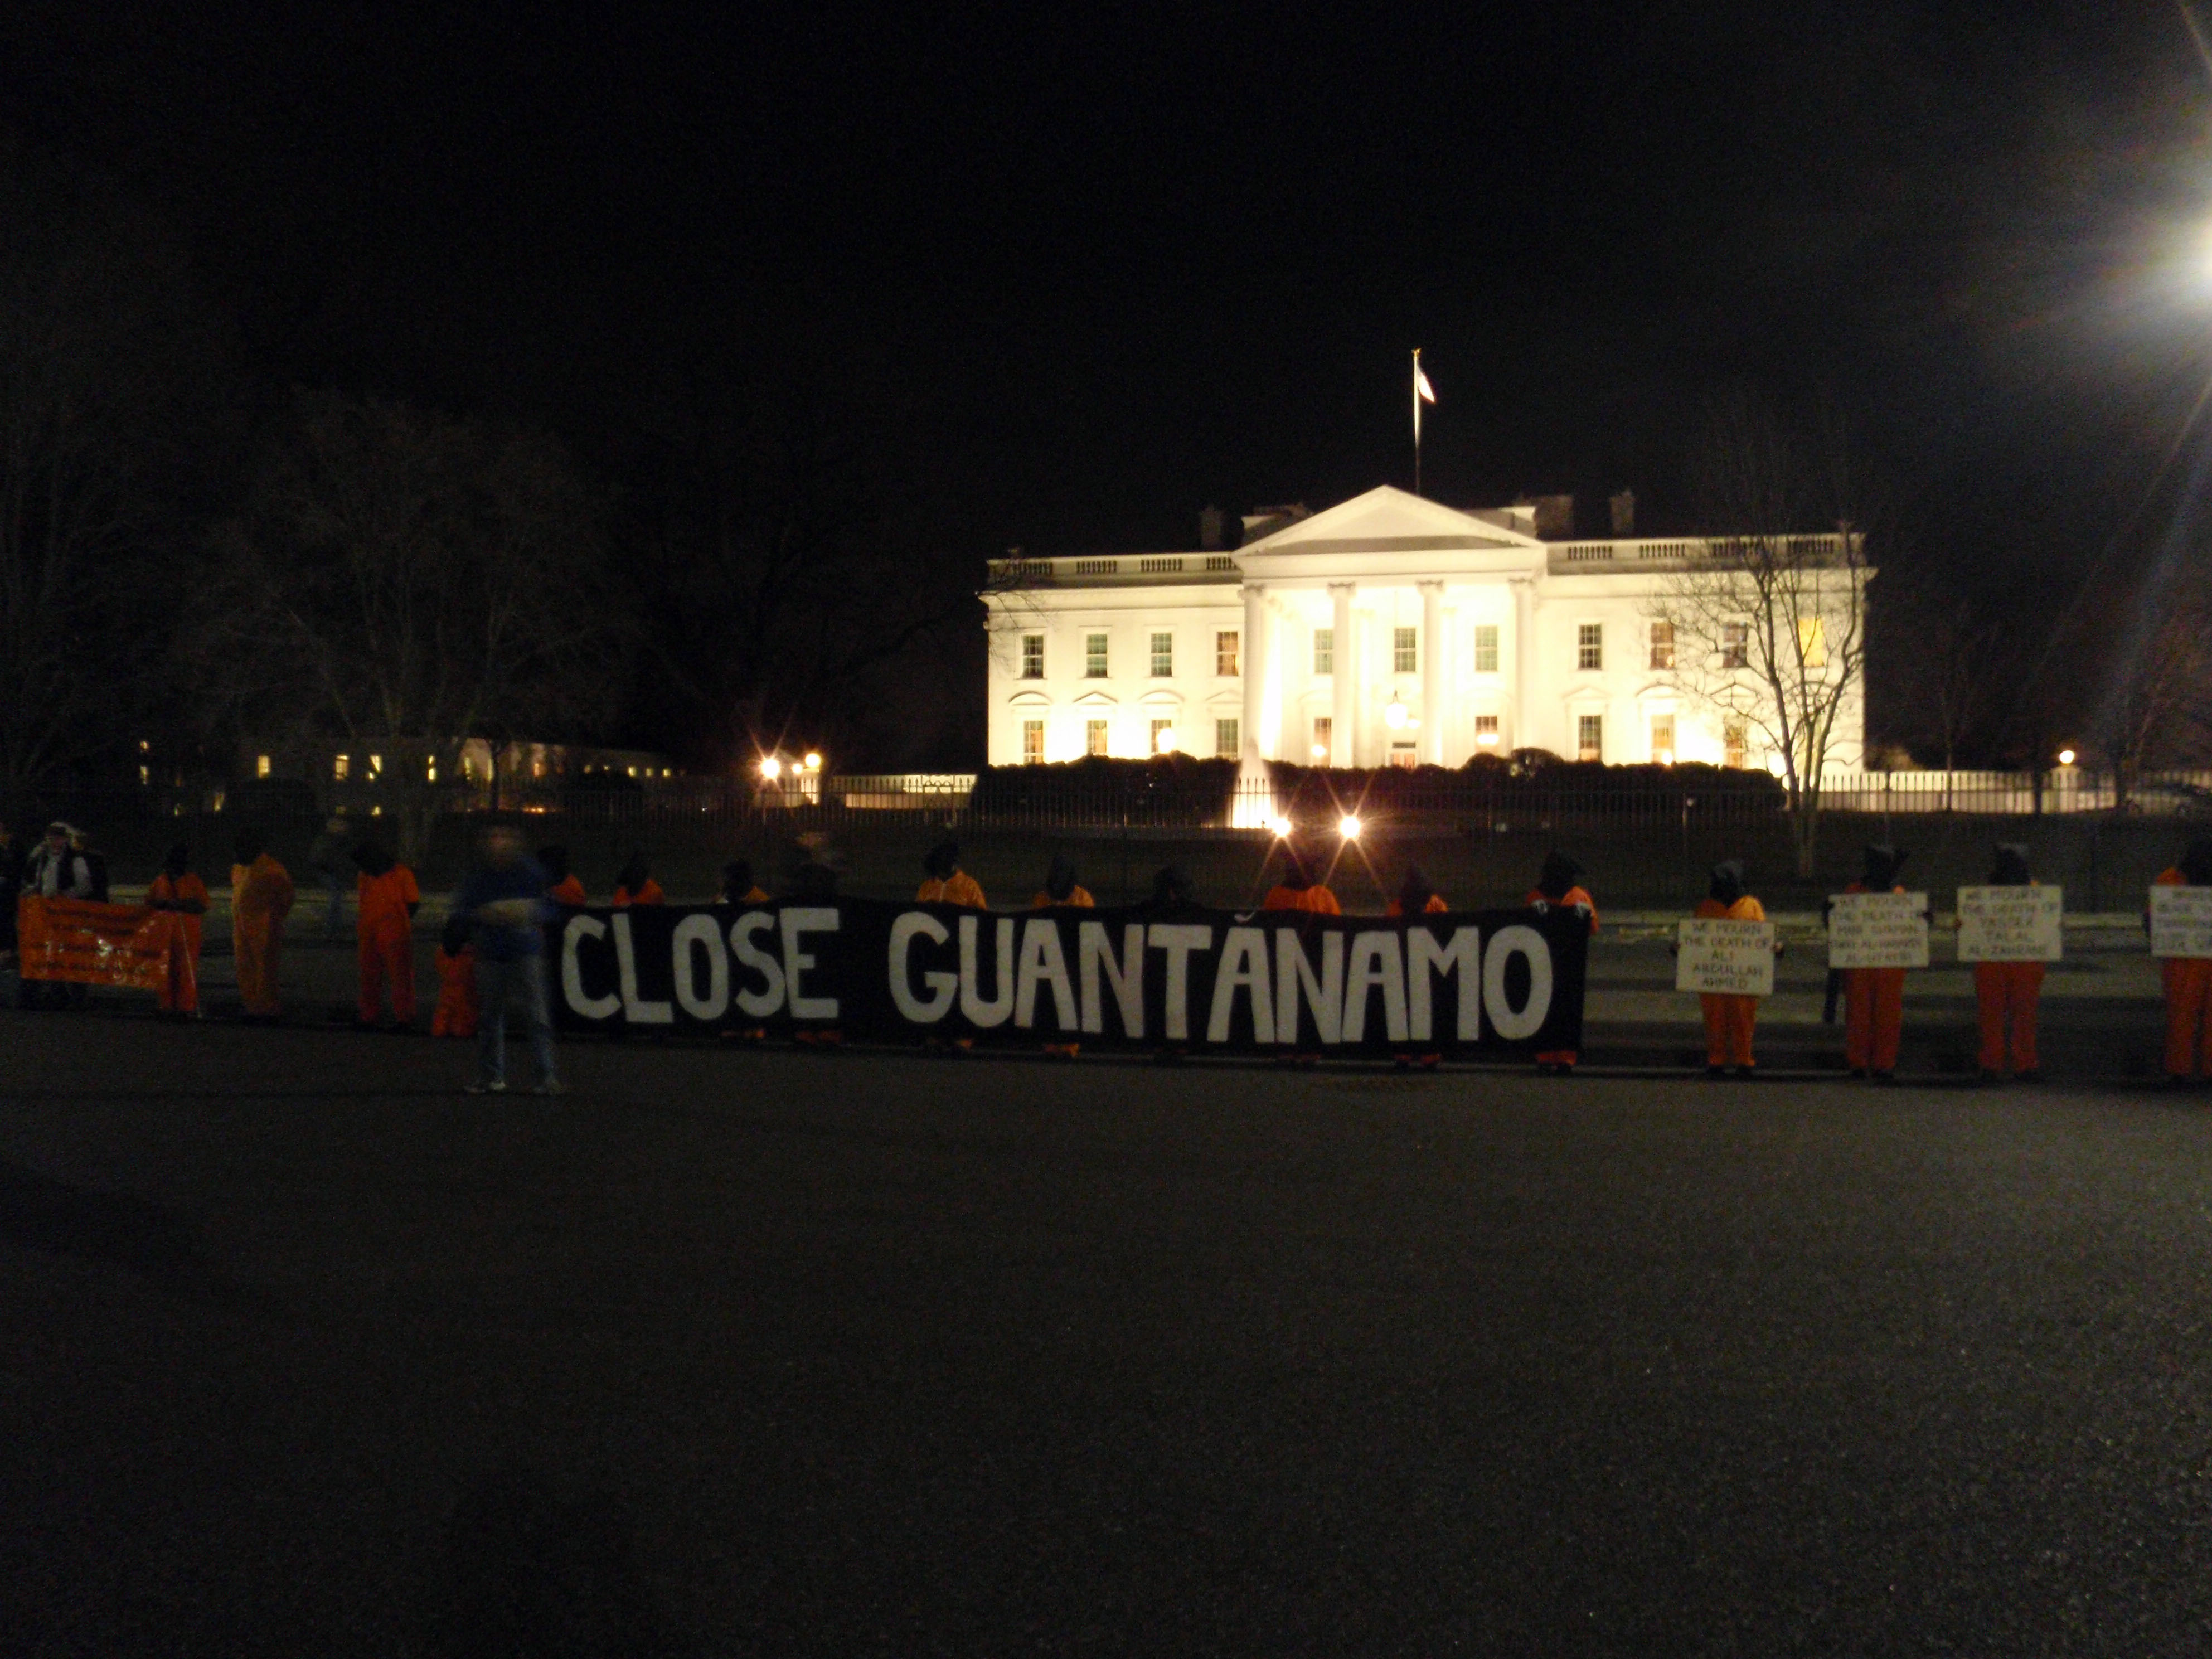 Timeline Tracks Obama's Efforts to Close Gitmo Thumbnail Image